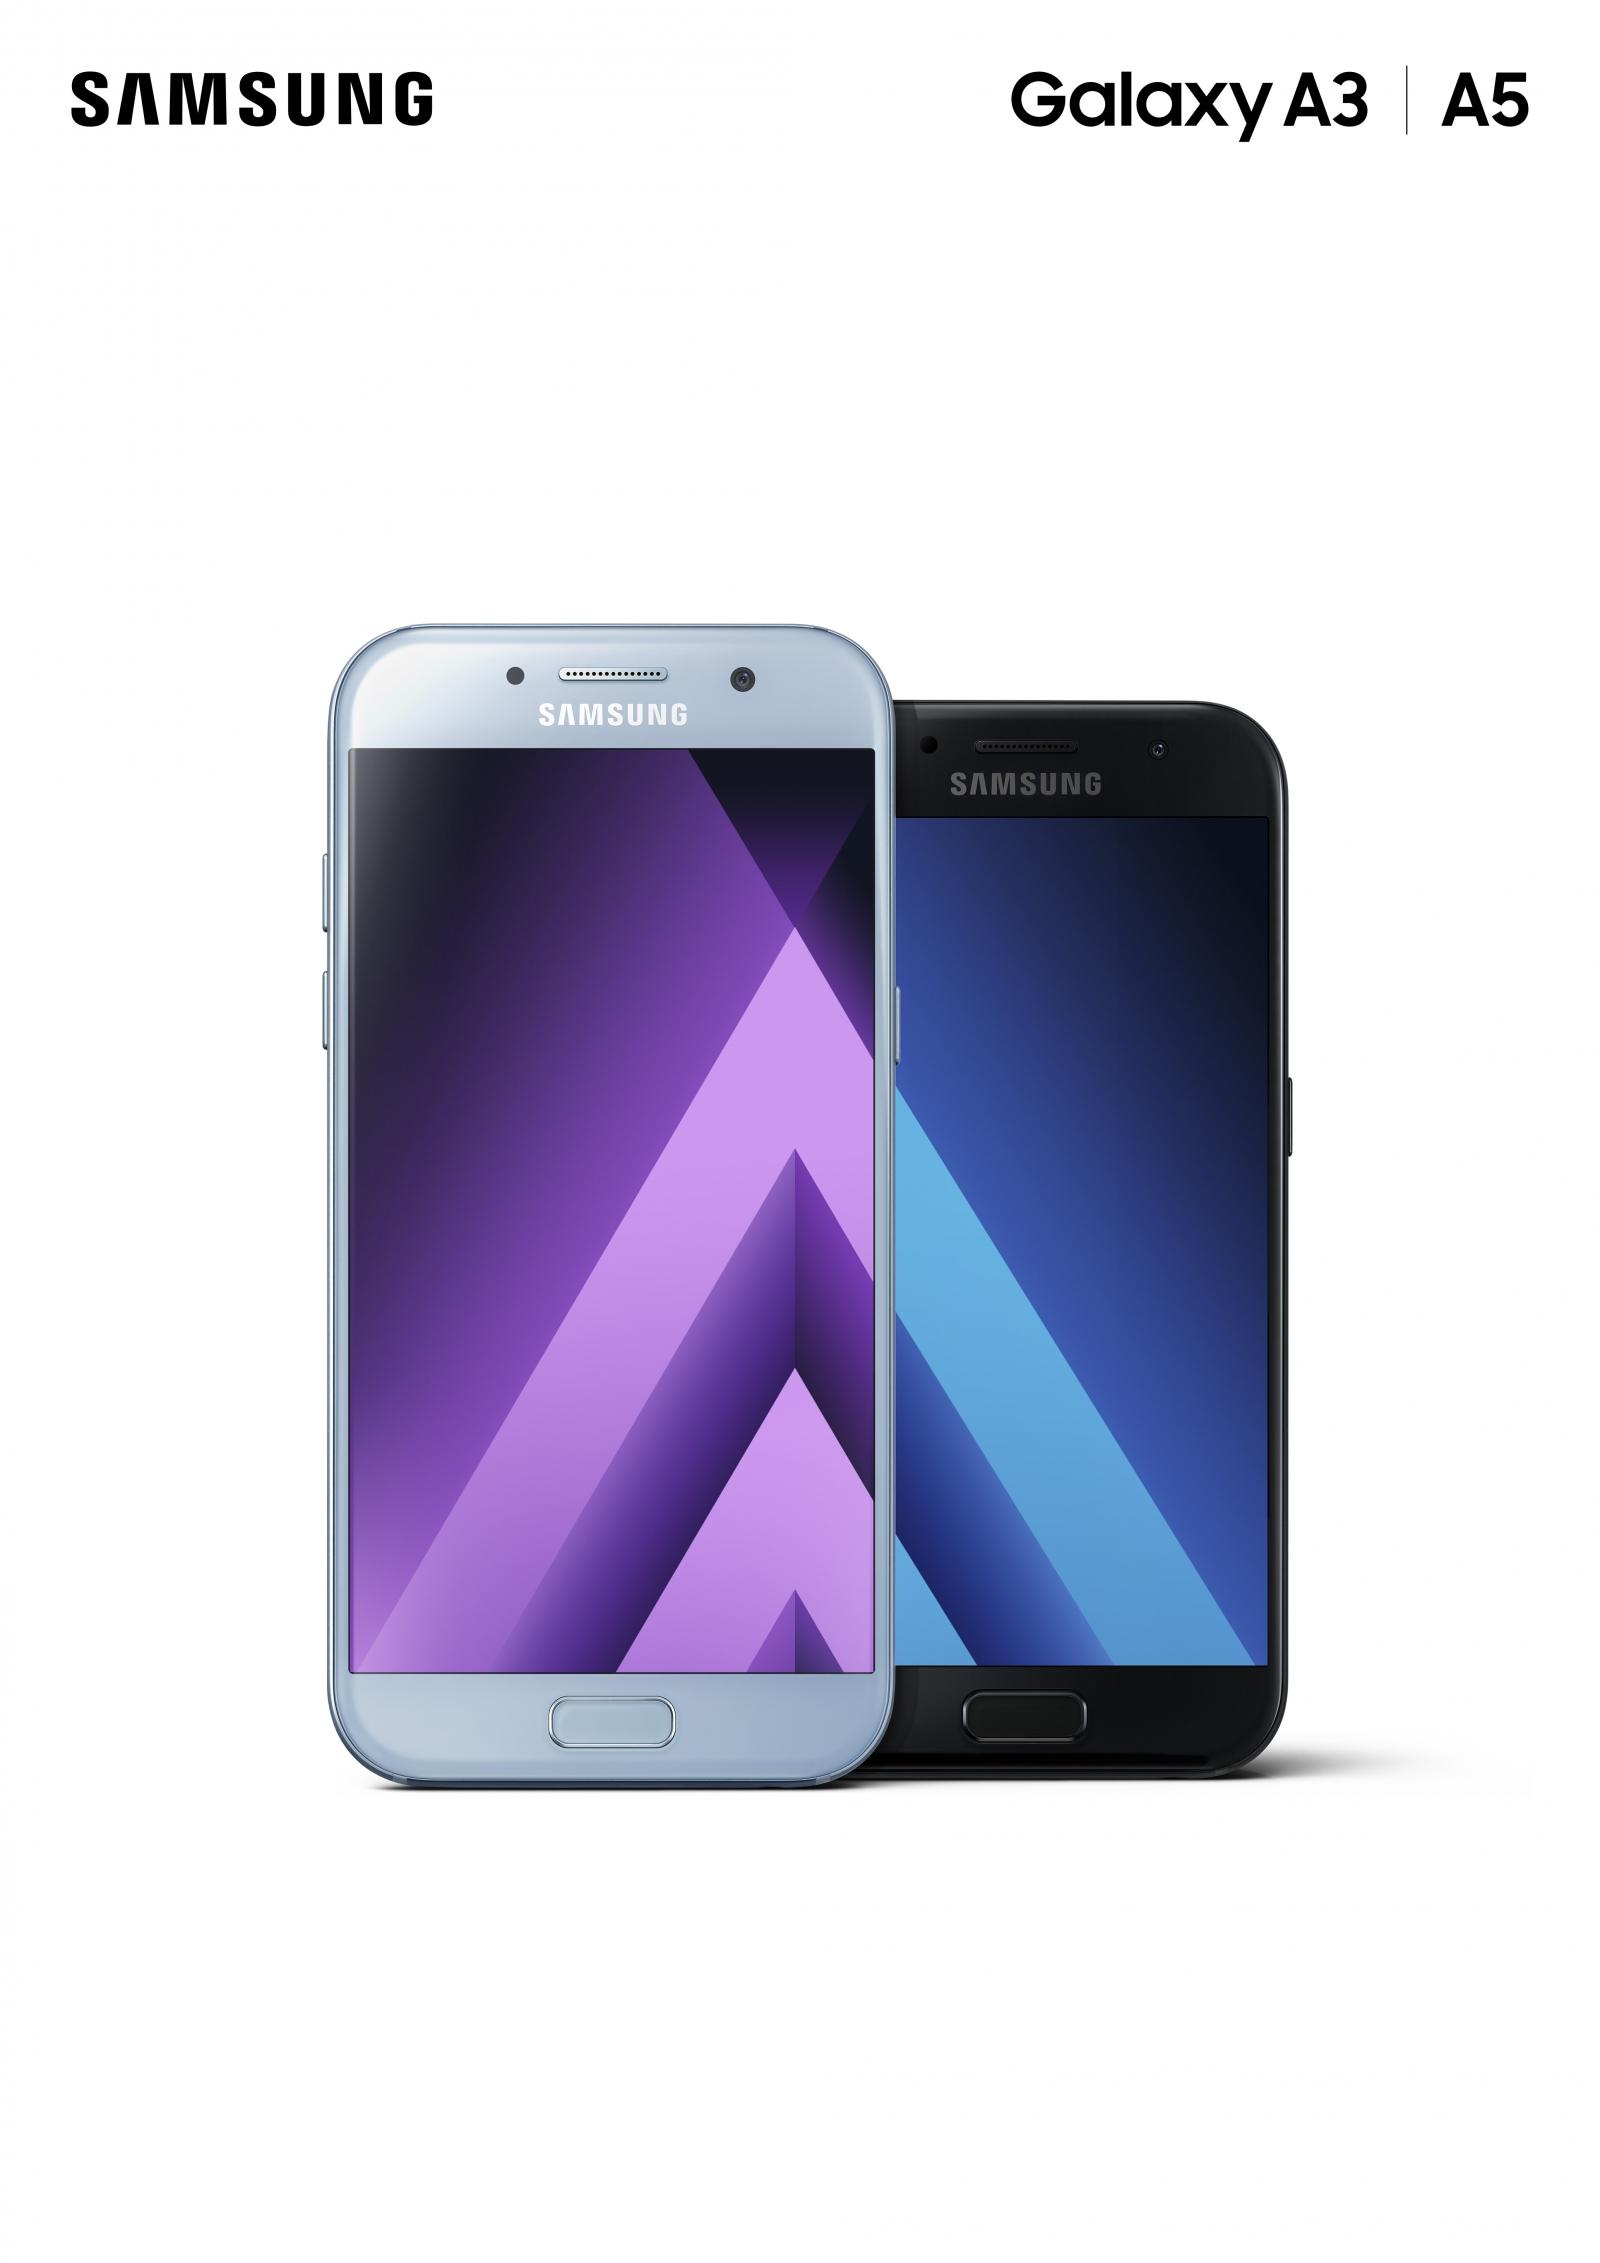 Galaxy A3 (2017) and Galaxy A5 (2017)